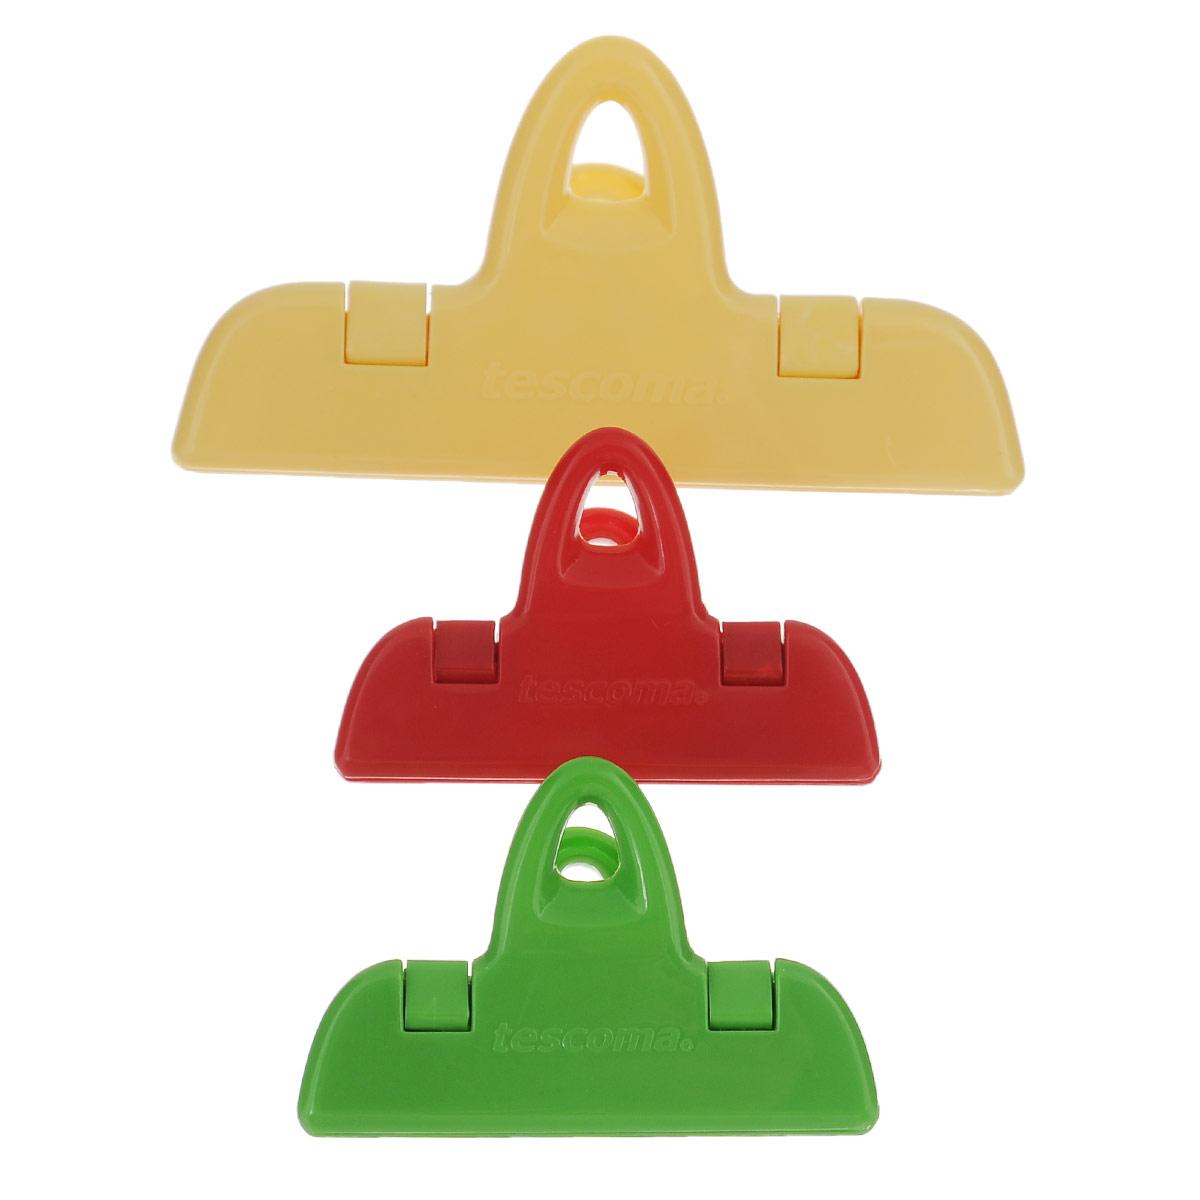 """Набор Tescoma """"Presto"""" состоит из трех разноцветных клипс для пакетов, изготовленных из прочной пластмассы. Изделия отлично подходят для закрывания пакетов с пищевыми продуктами, например, кофе, круп, печенья, чипсов и т.д. С такими клипсами продукты более длительное время сохраняются свежими, содержимое пакета защищено от внешних воздействий и от насекомых. Клипсы подходят для холодильника и посудомоечной машины. Длина клипс: 7 см, 11 см."""